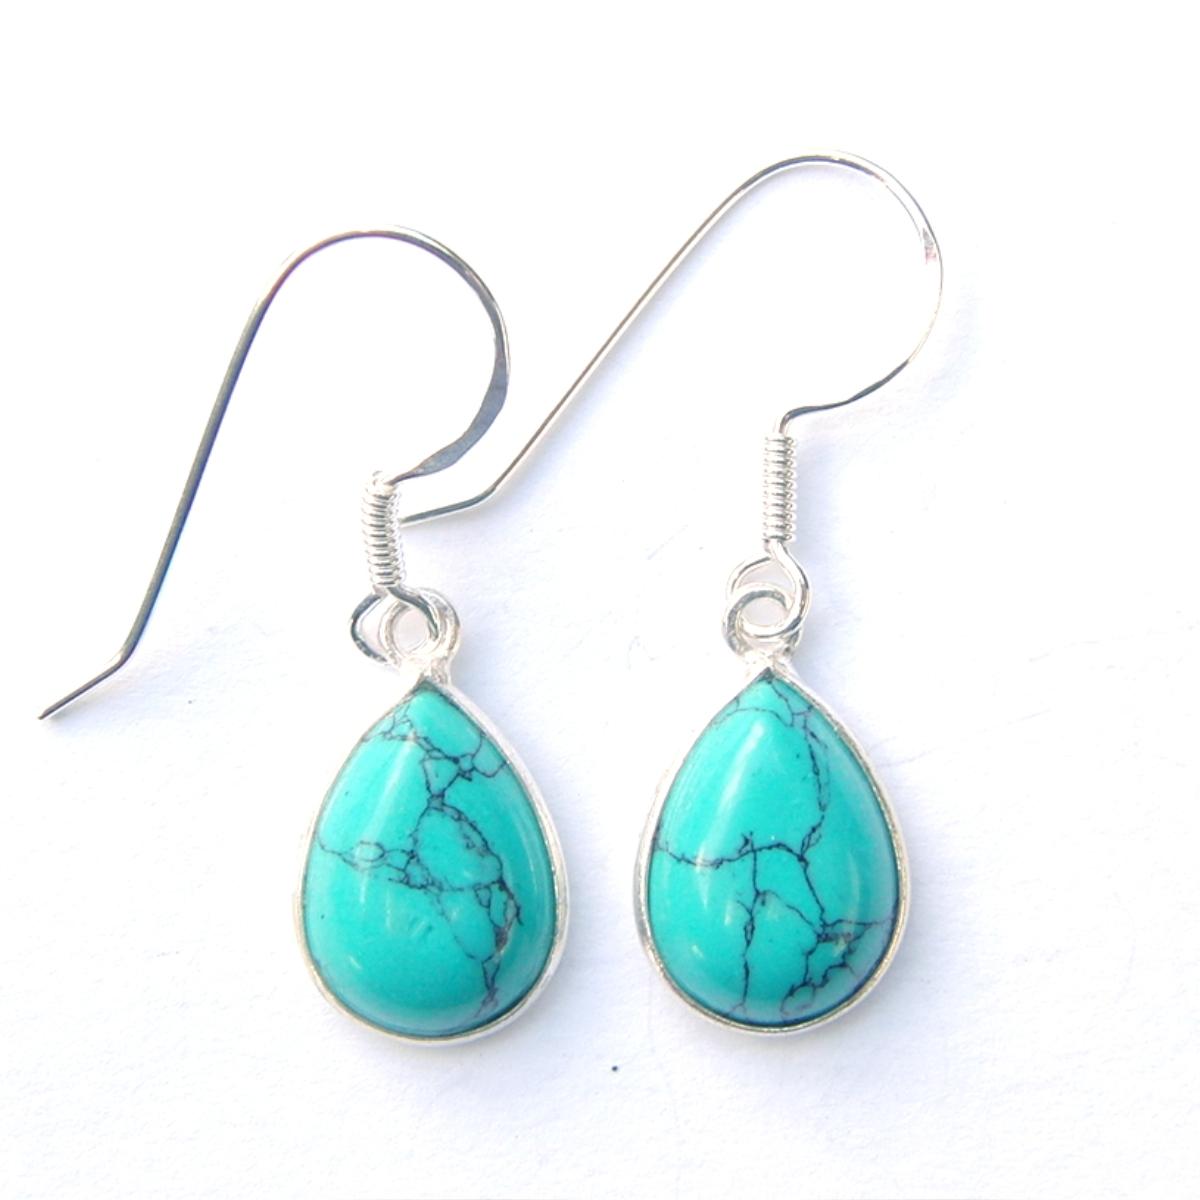 Turquoise Large Teardrop Earrings